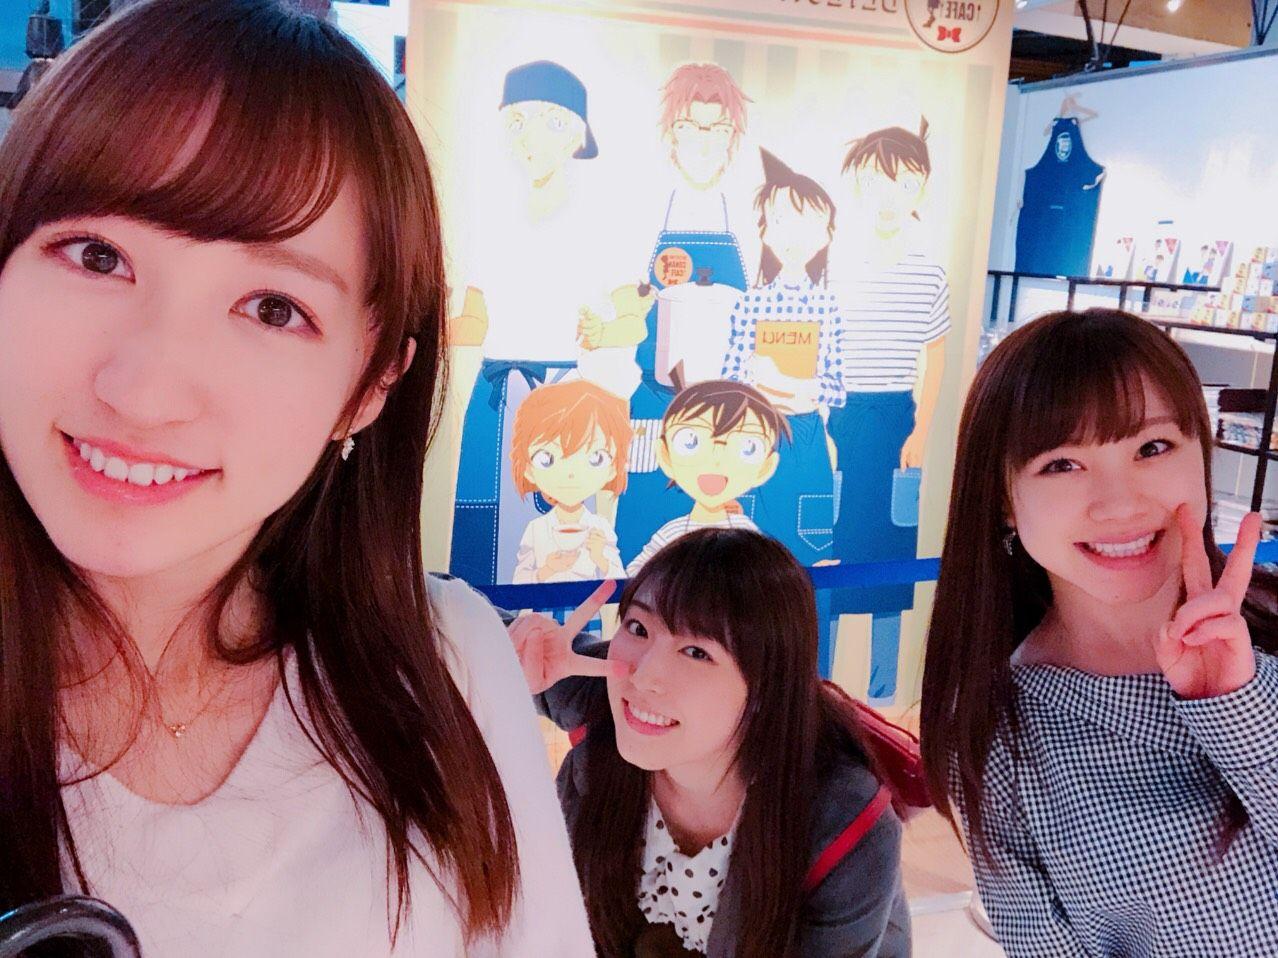 【エンタメ画像】山木梨沙さんがモーニング娘。'18の譜久村聖・石田亜佑美さんとコナンカフェ行ったぞwwwww